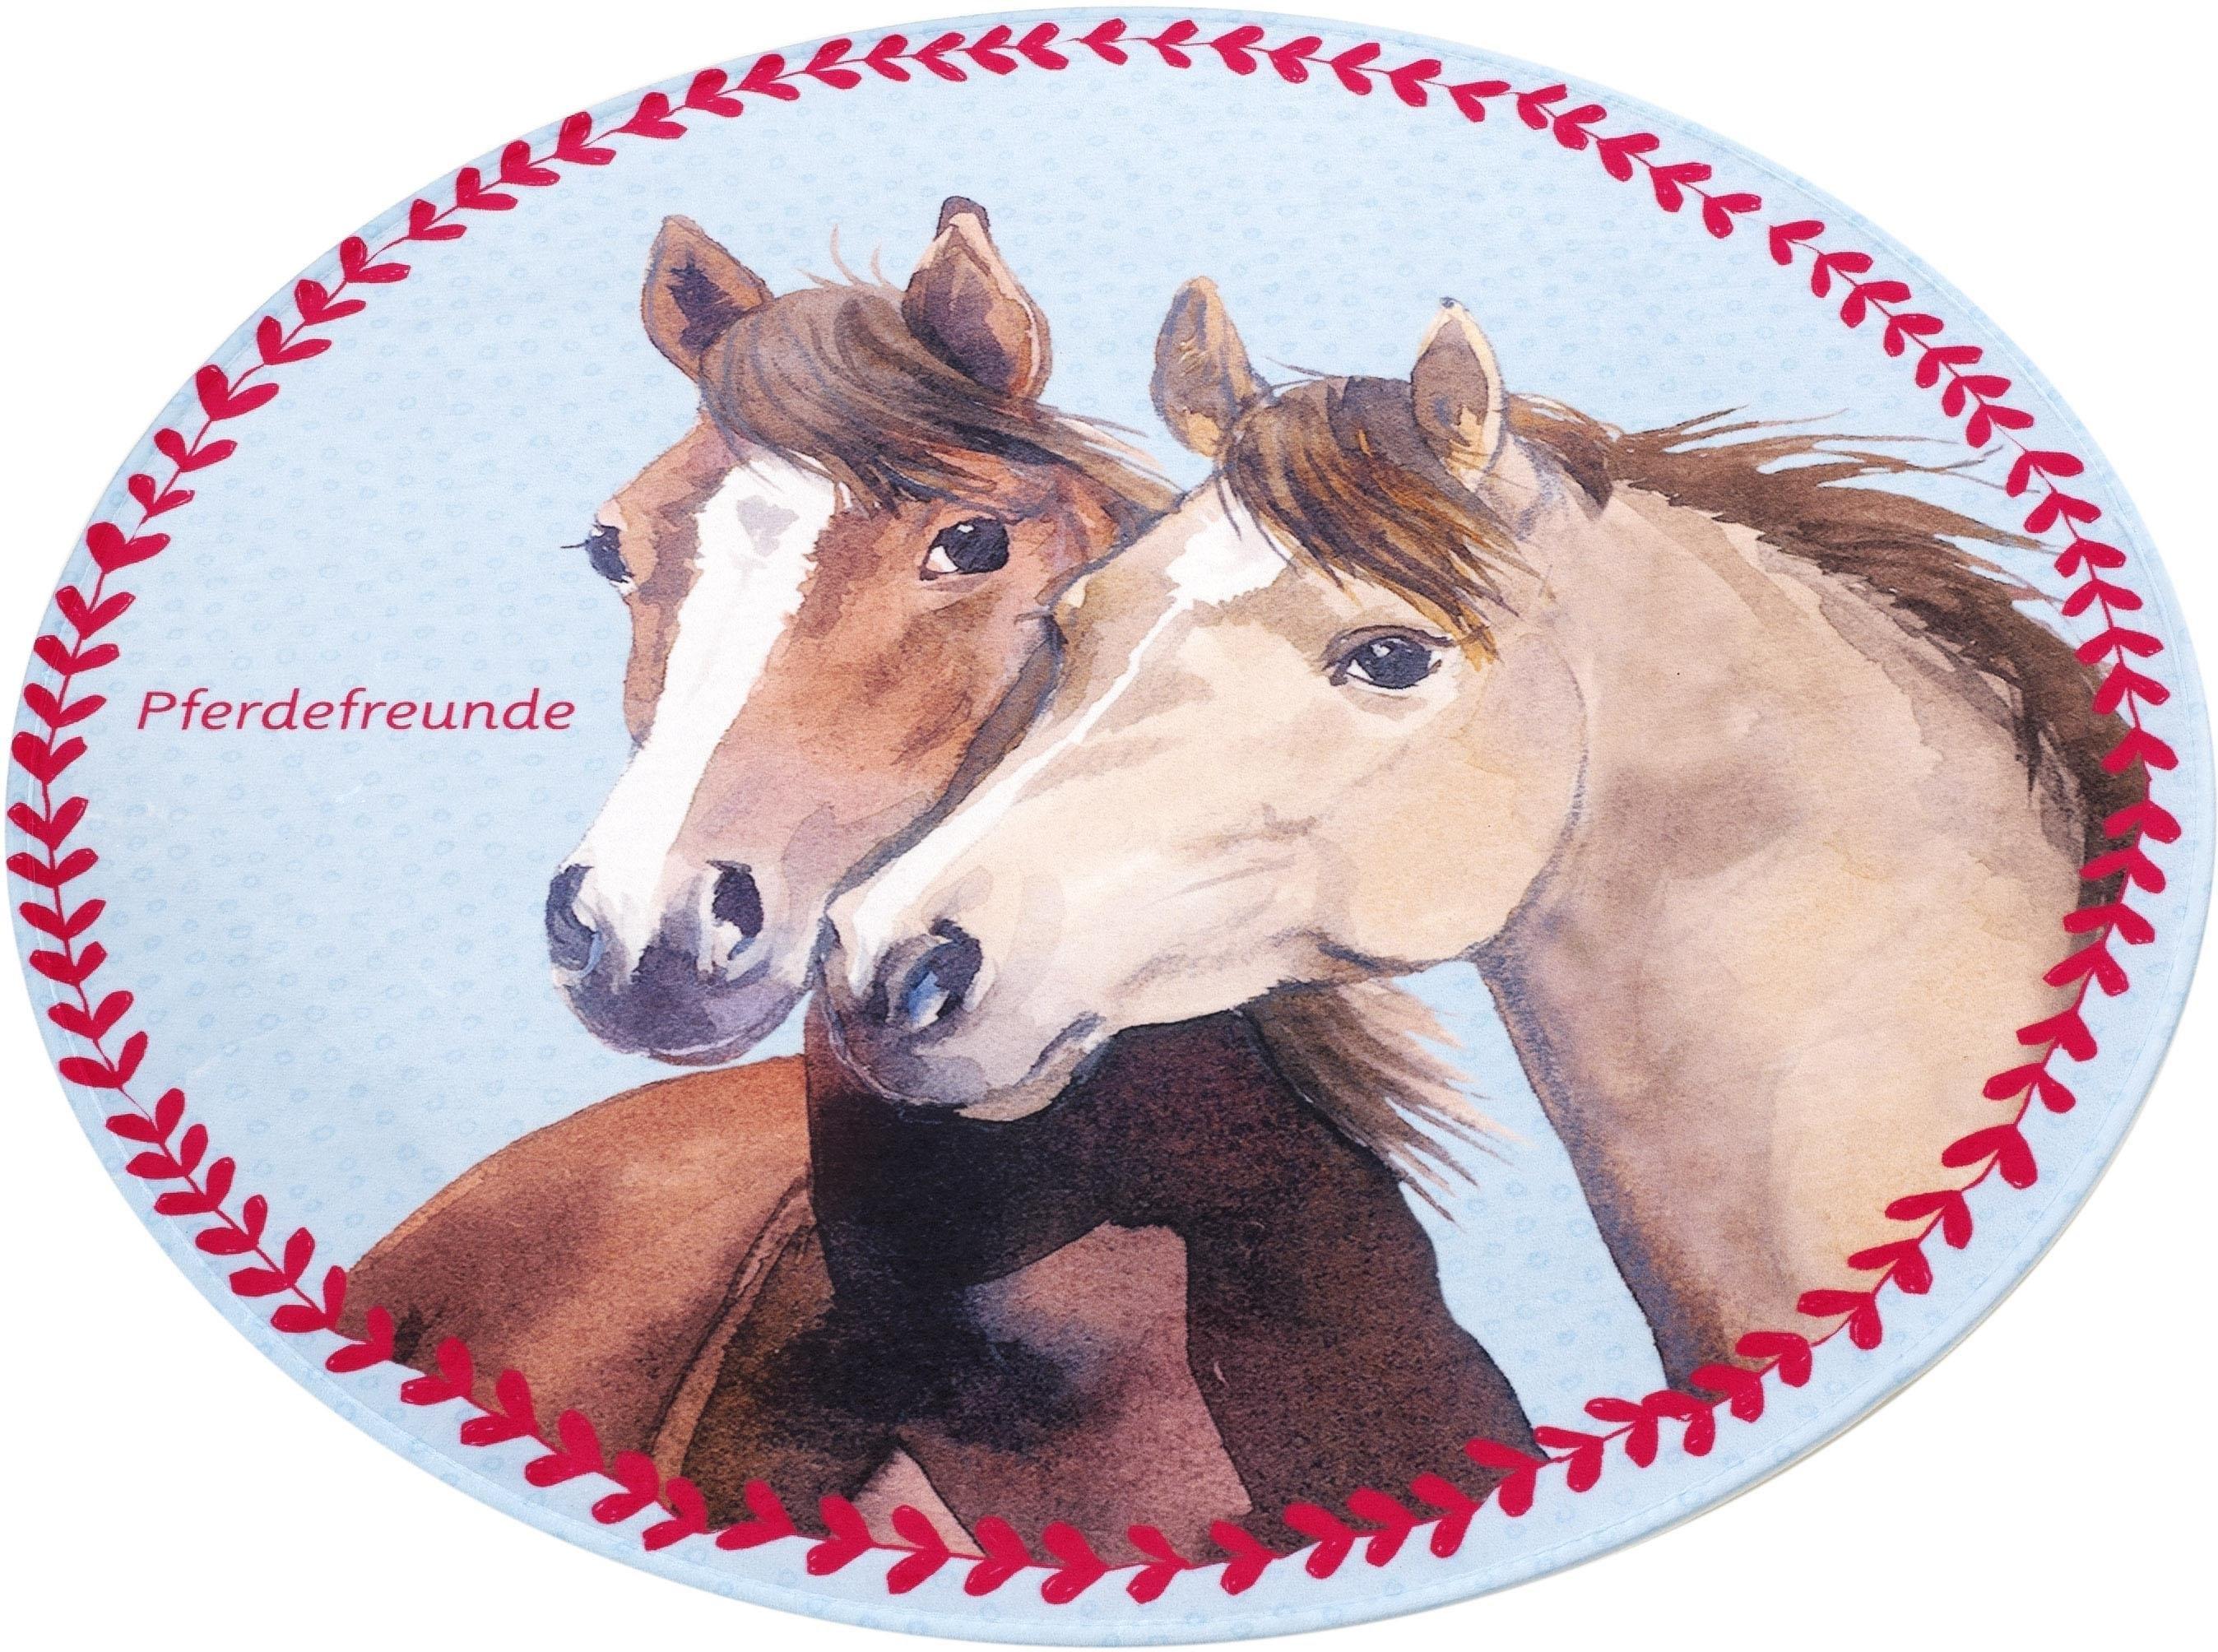 Pferdefreunde Vloerkleed voor de kinderkamer, »PF-513«, rond, hoogte 6 mm, geprint nu online bestellen